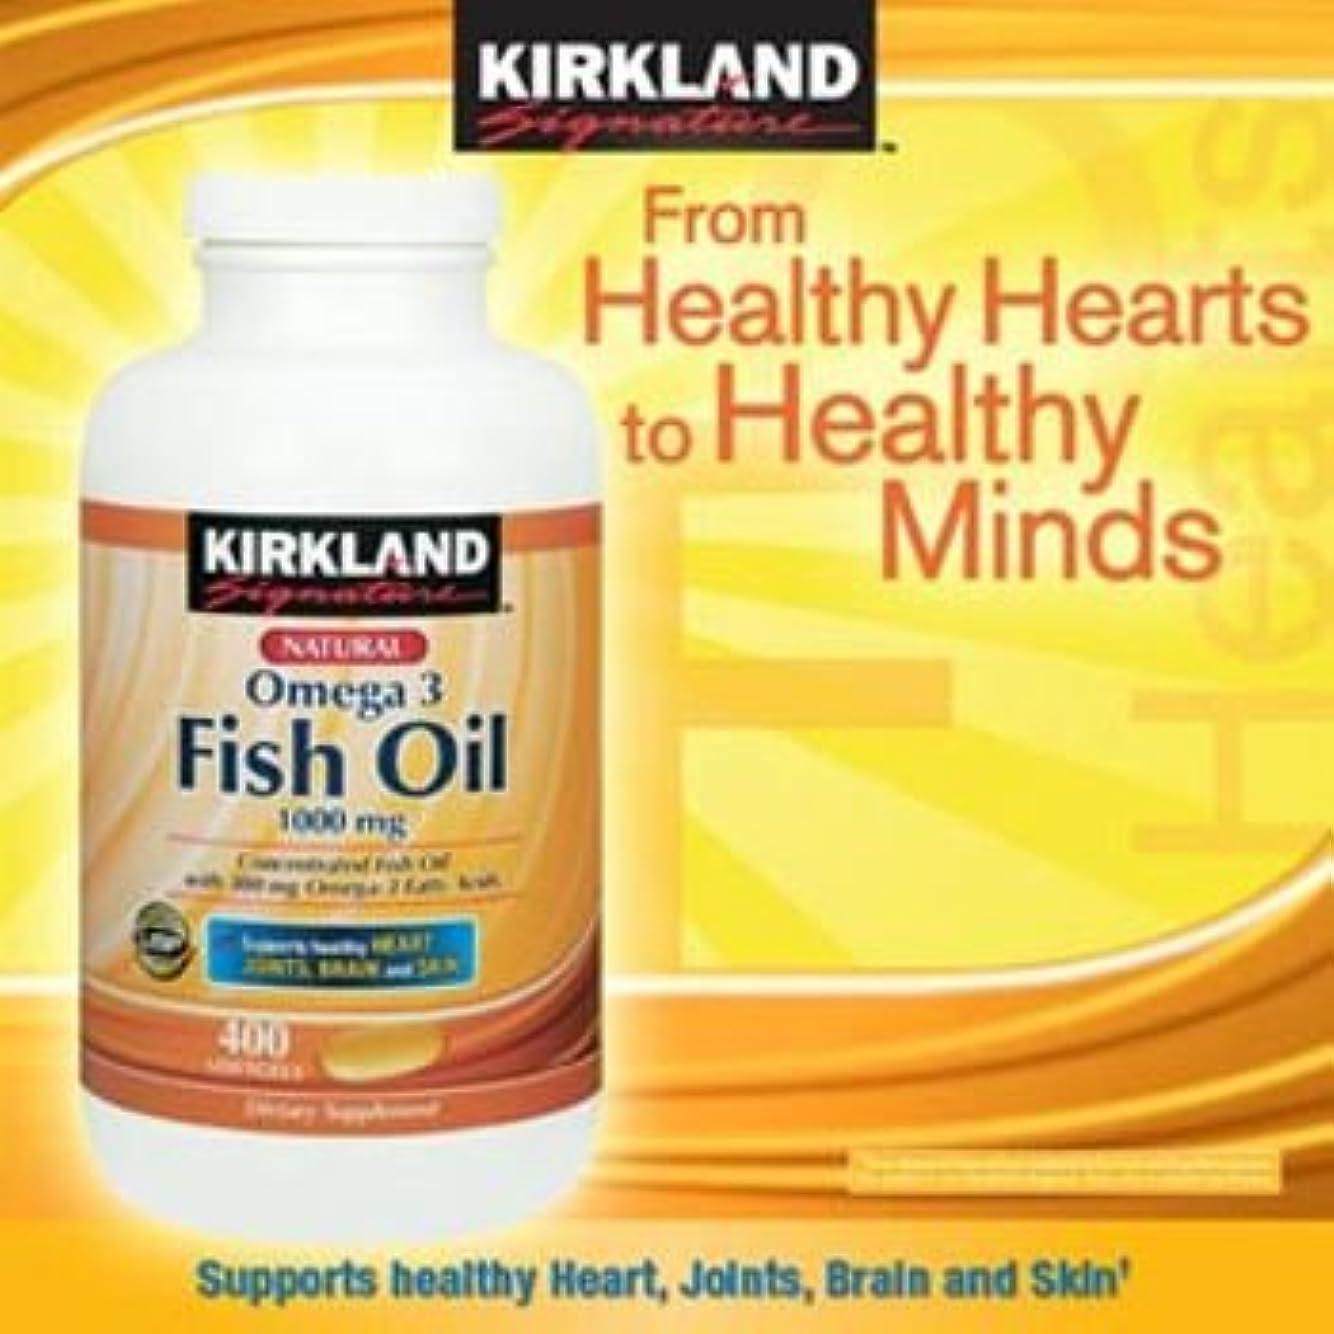 海嶺幸運なプロトタイプKIRKLAND社 フィッシュオイル (DHA+EPA) オメガ3 1000mg 400ソフトカプセル 3本 [並行輸入品] [海外直送品] 3 Bottles of KIRKLAND's Fish Oil (DHA +...